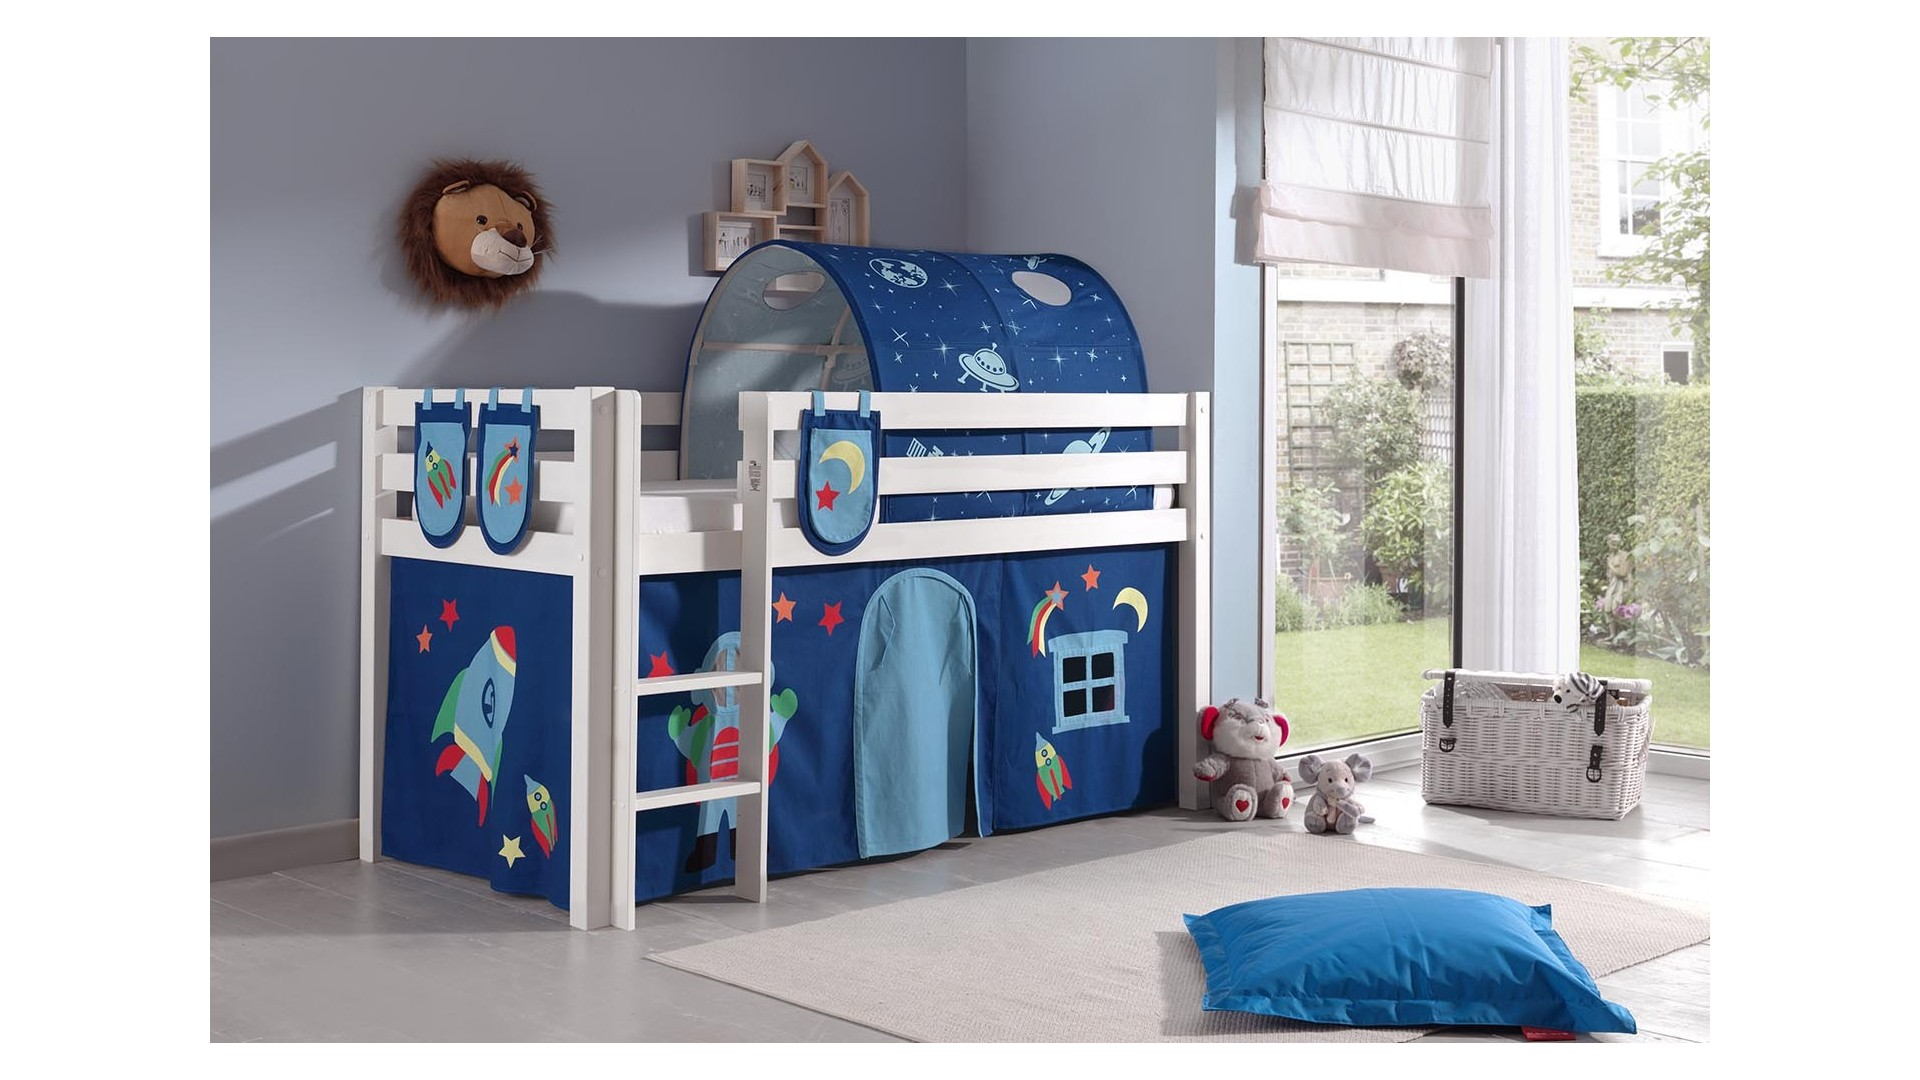 lit garcon cabane pourquoi avoir une cabane cabane chambre garaon lit d enfant original. Black Bedroom Furniture Sets. Home Design Ideas